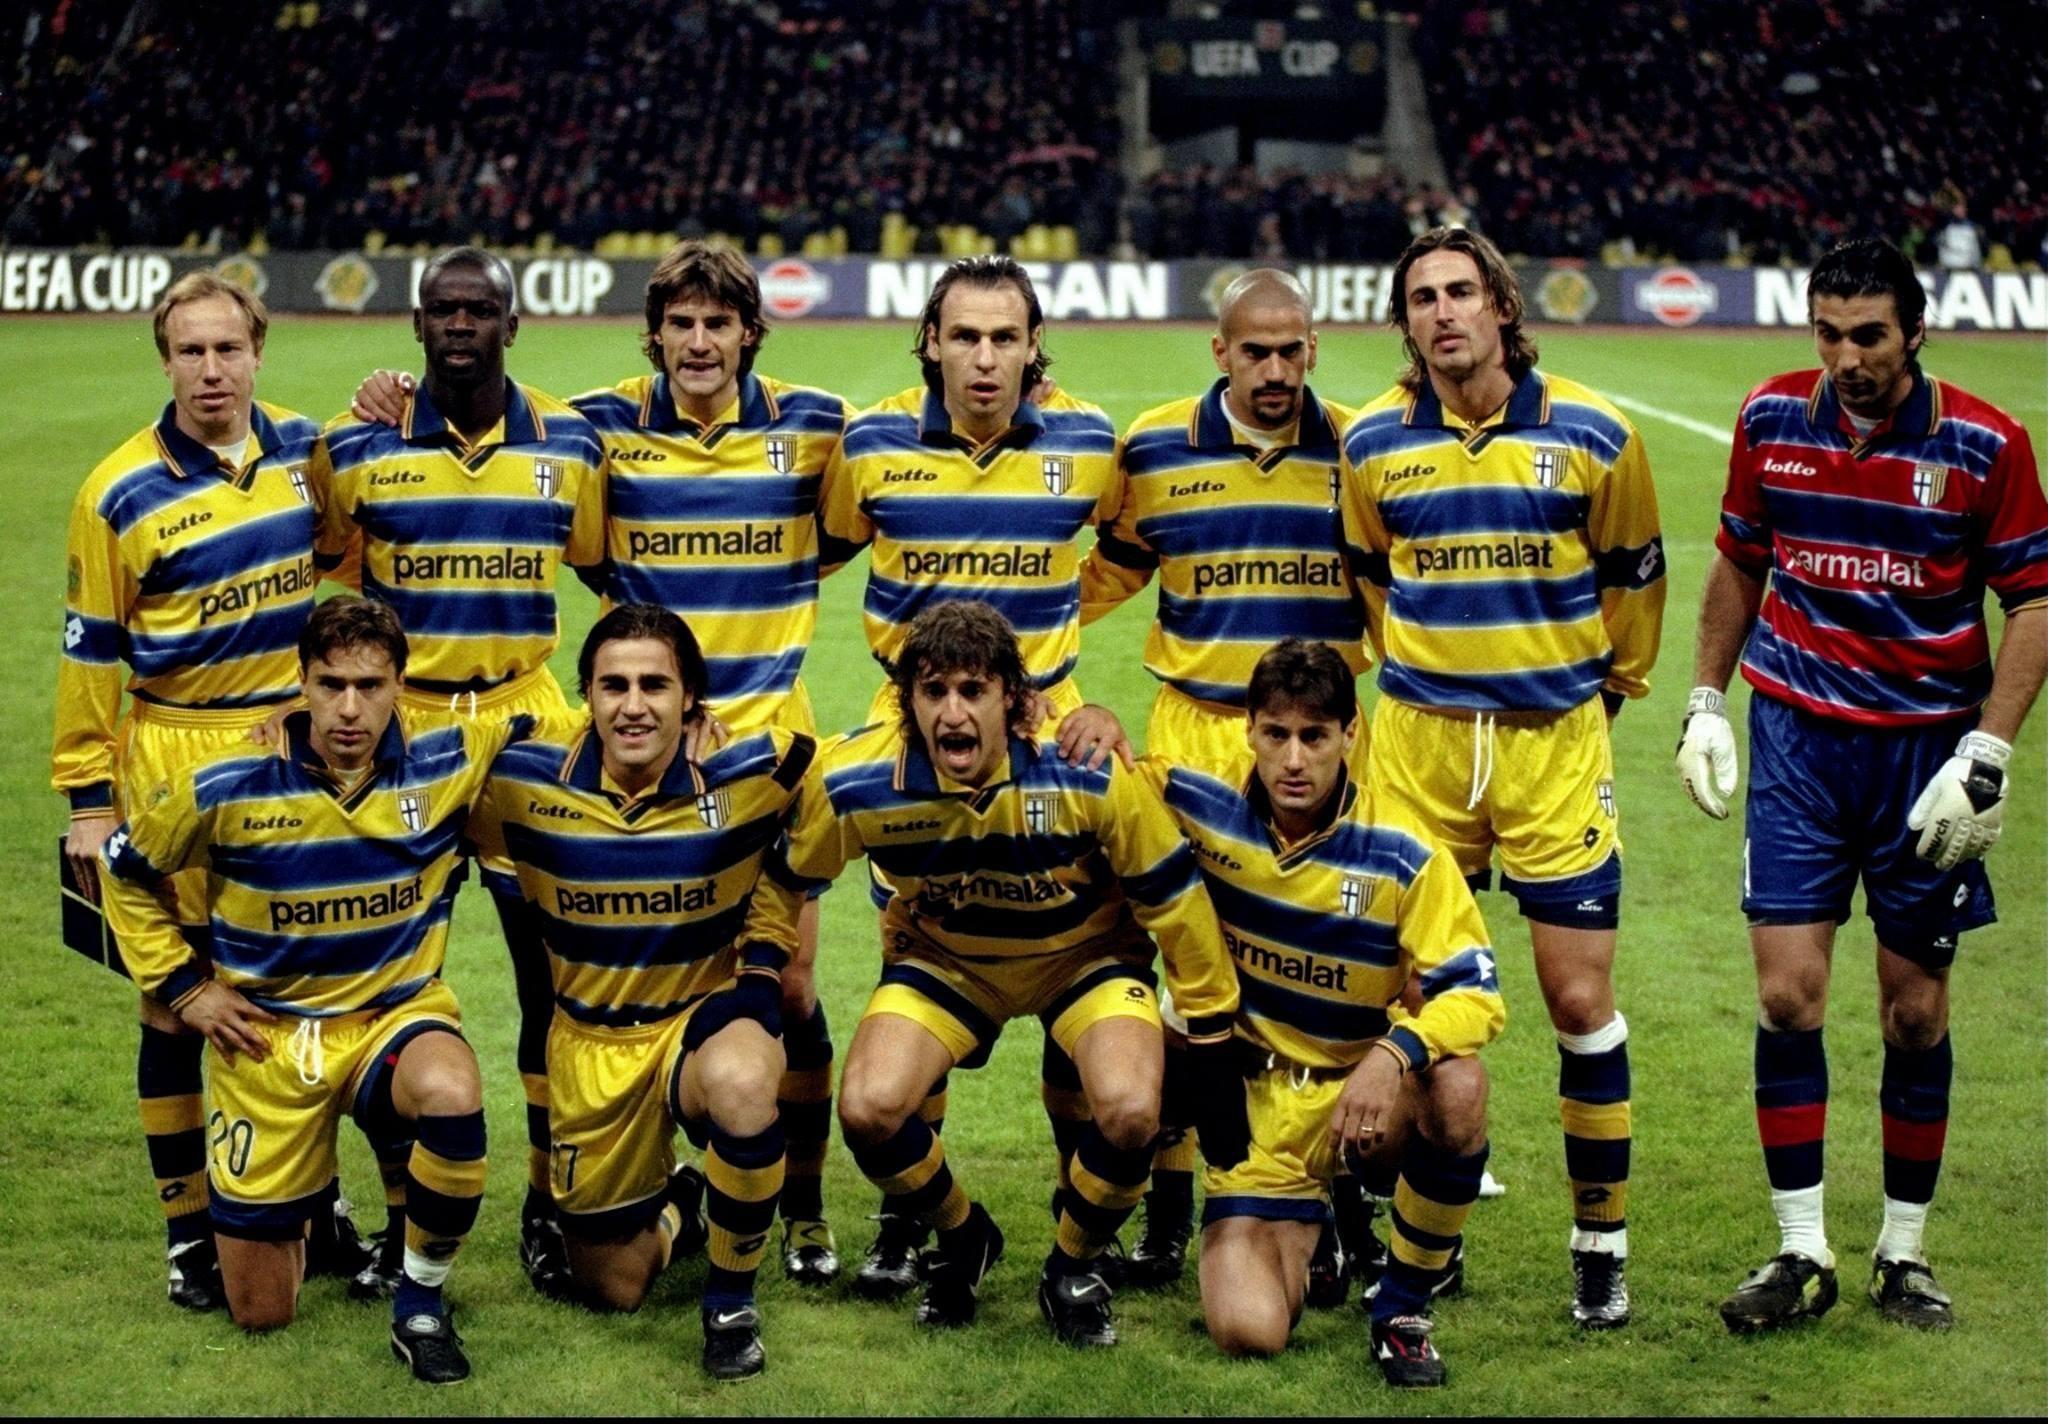 22 года назад в Москве состоялся финал Кубка УЕФА. Вы только гляньте на этот сумасшедший состав «Пармы»!